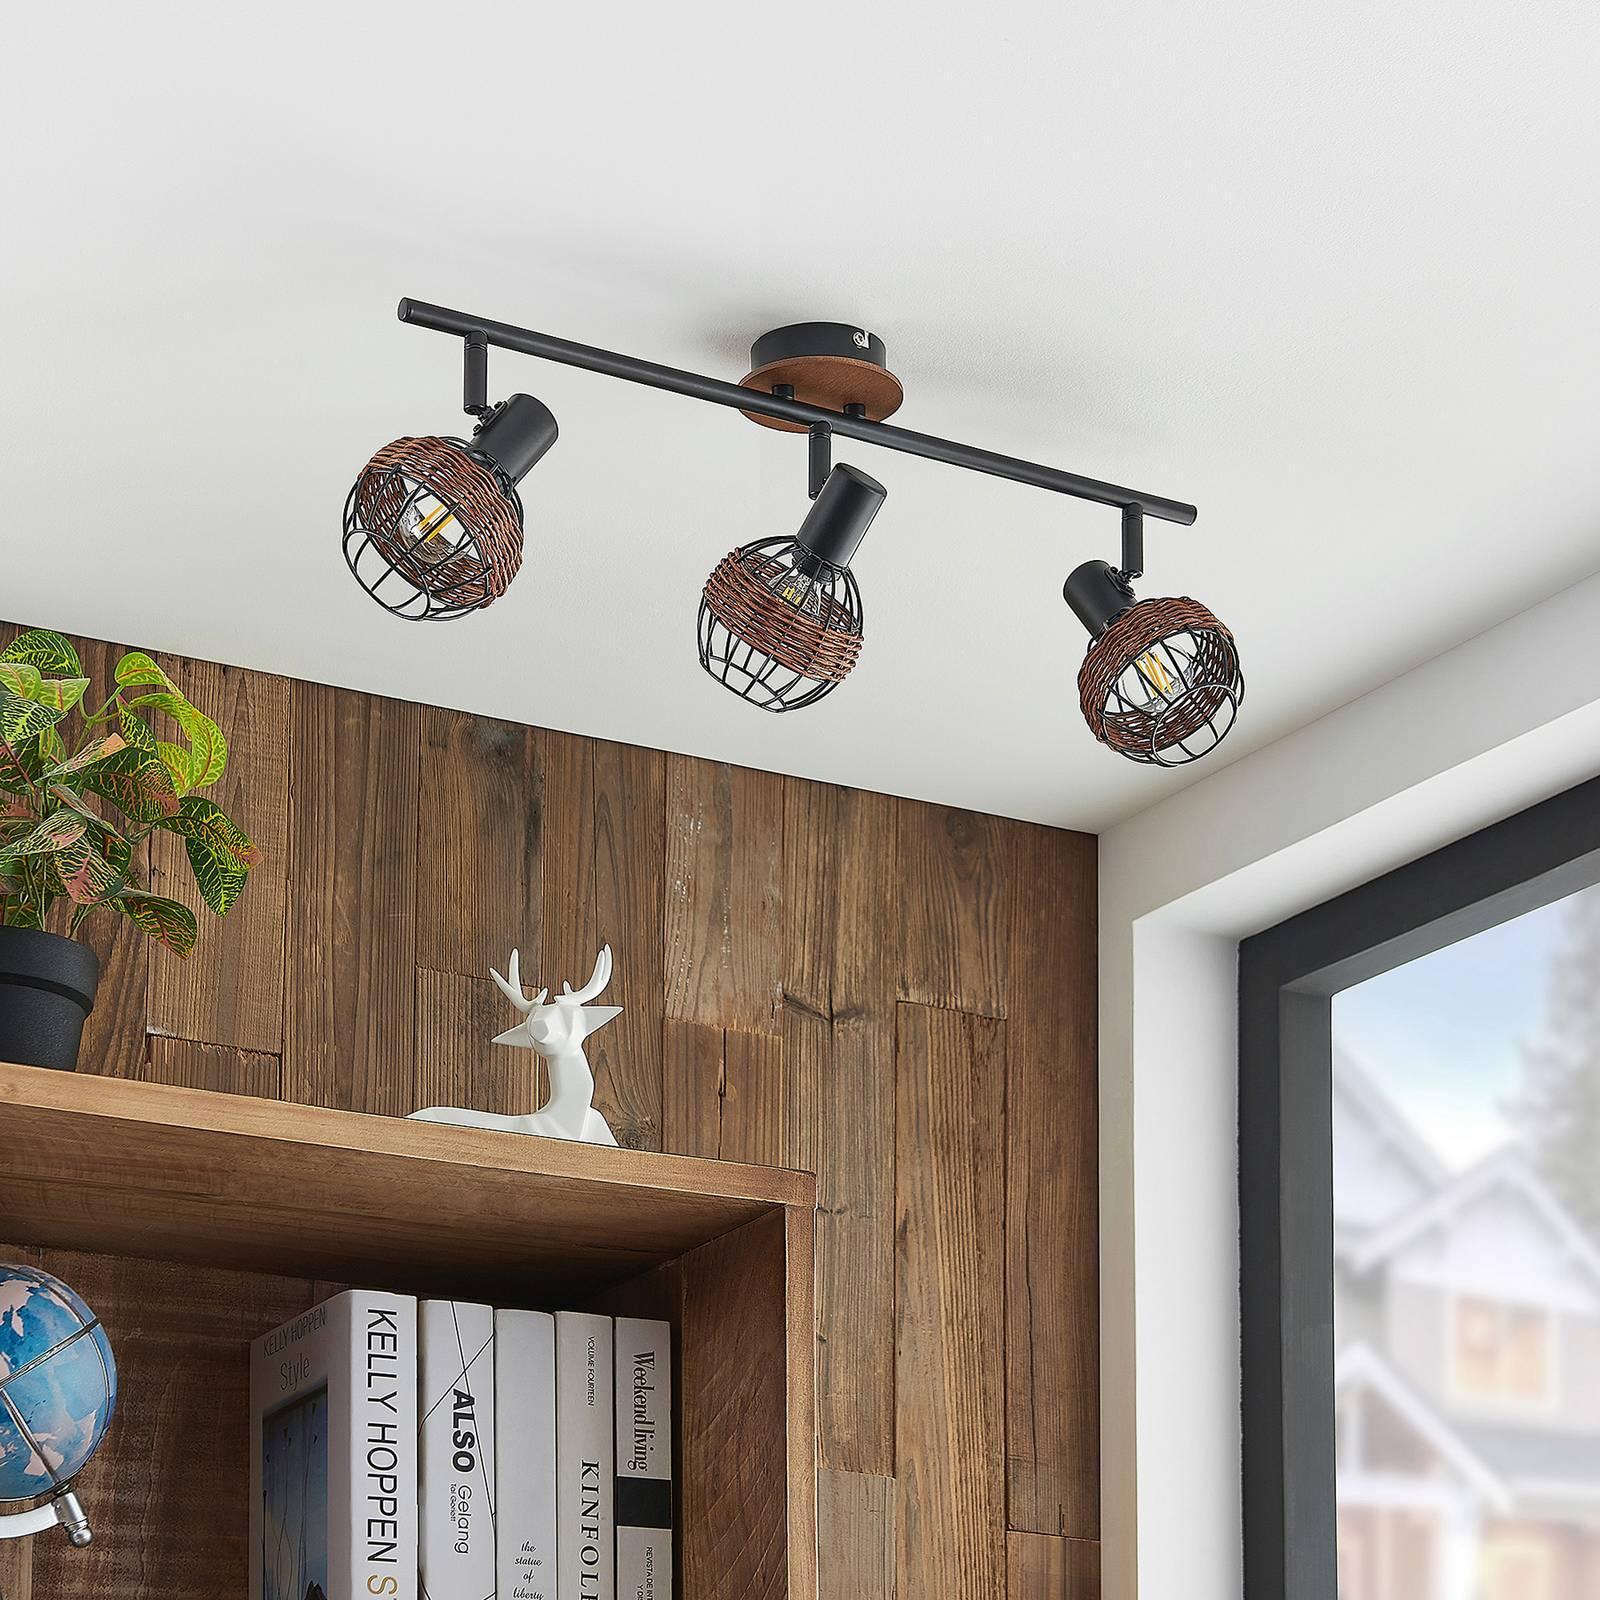 Lindby Nermina -kohdevalo, rottinkia, 3-lamppuinen